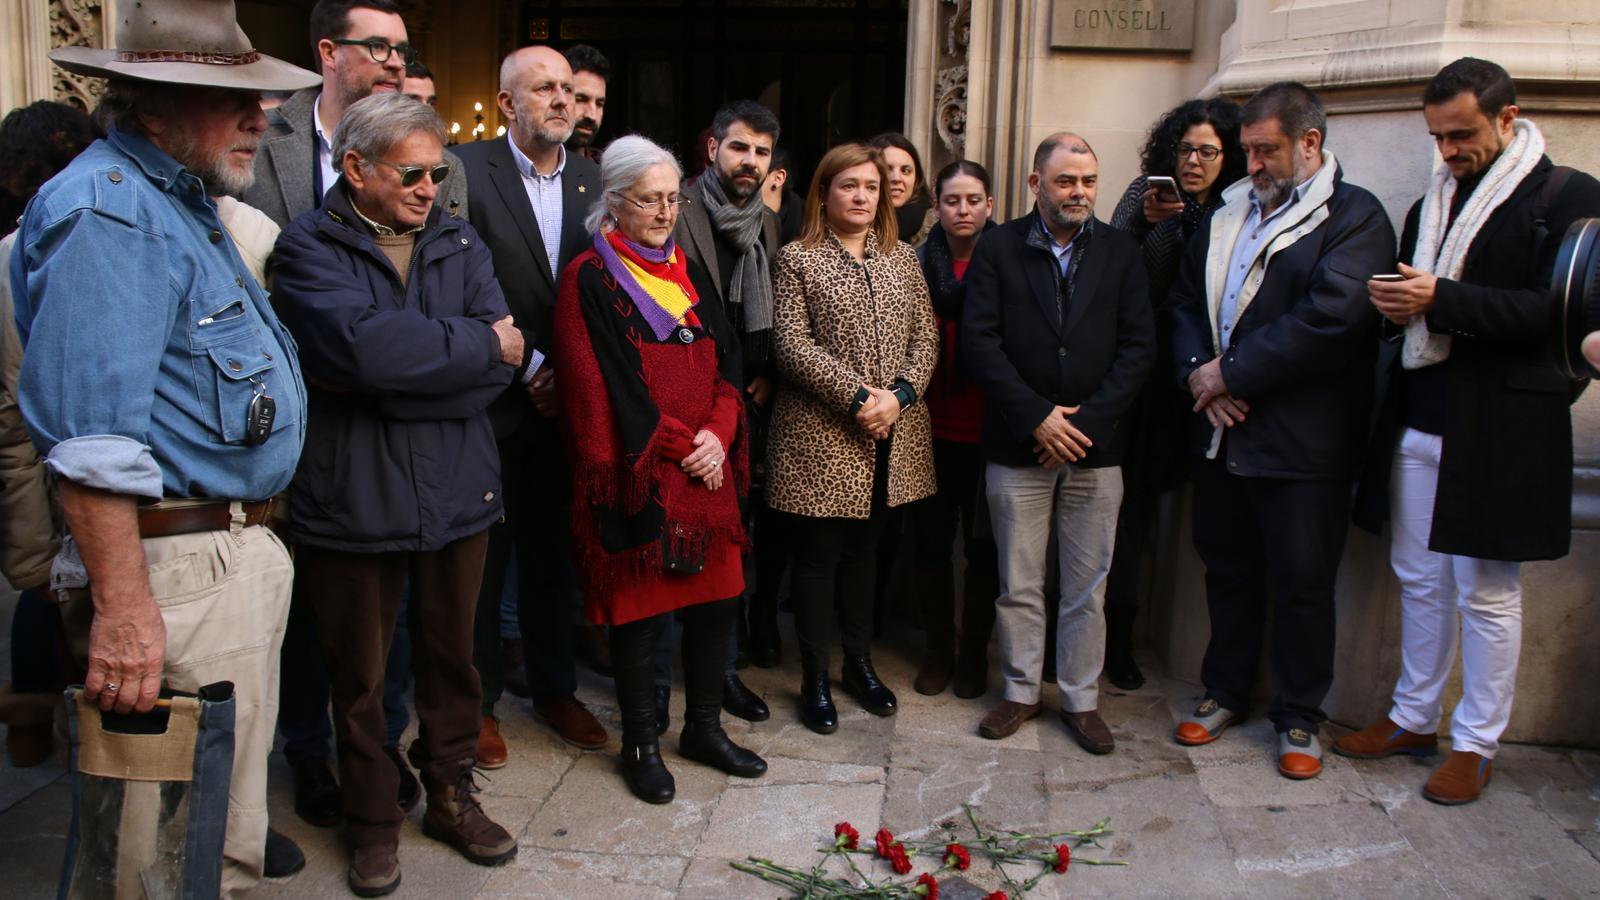 Un dels néts d'Emili Darder, Ferran Cano, presencia l'acte de col·locació de la pedra Stolpersteine en homenatge a Emili Darder